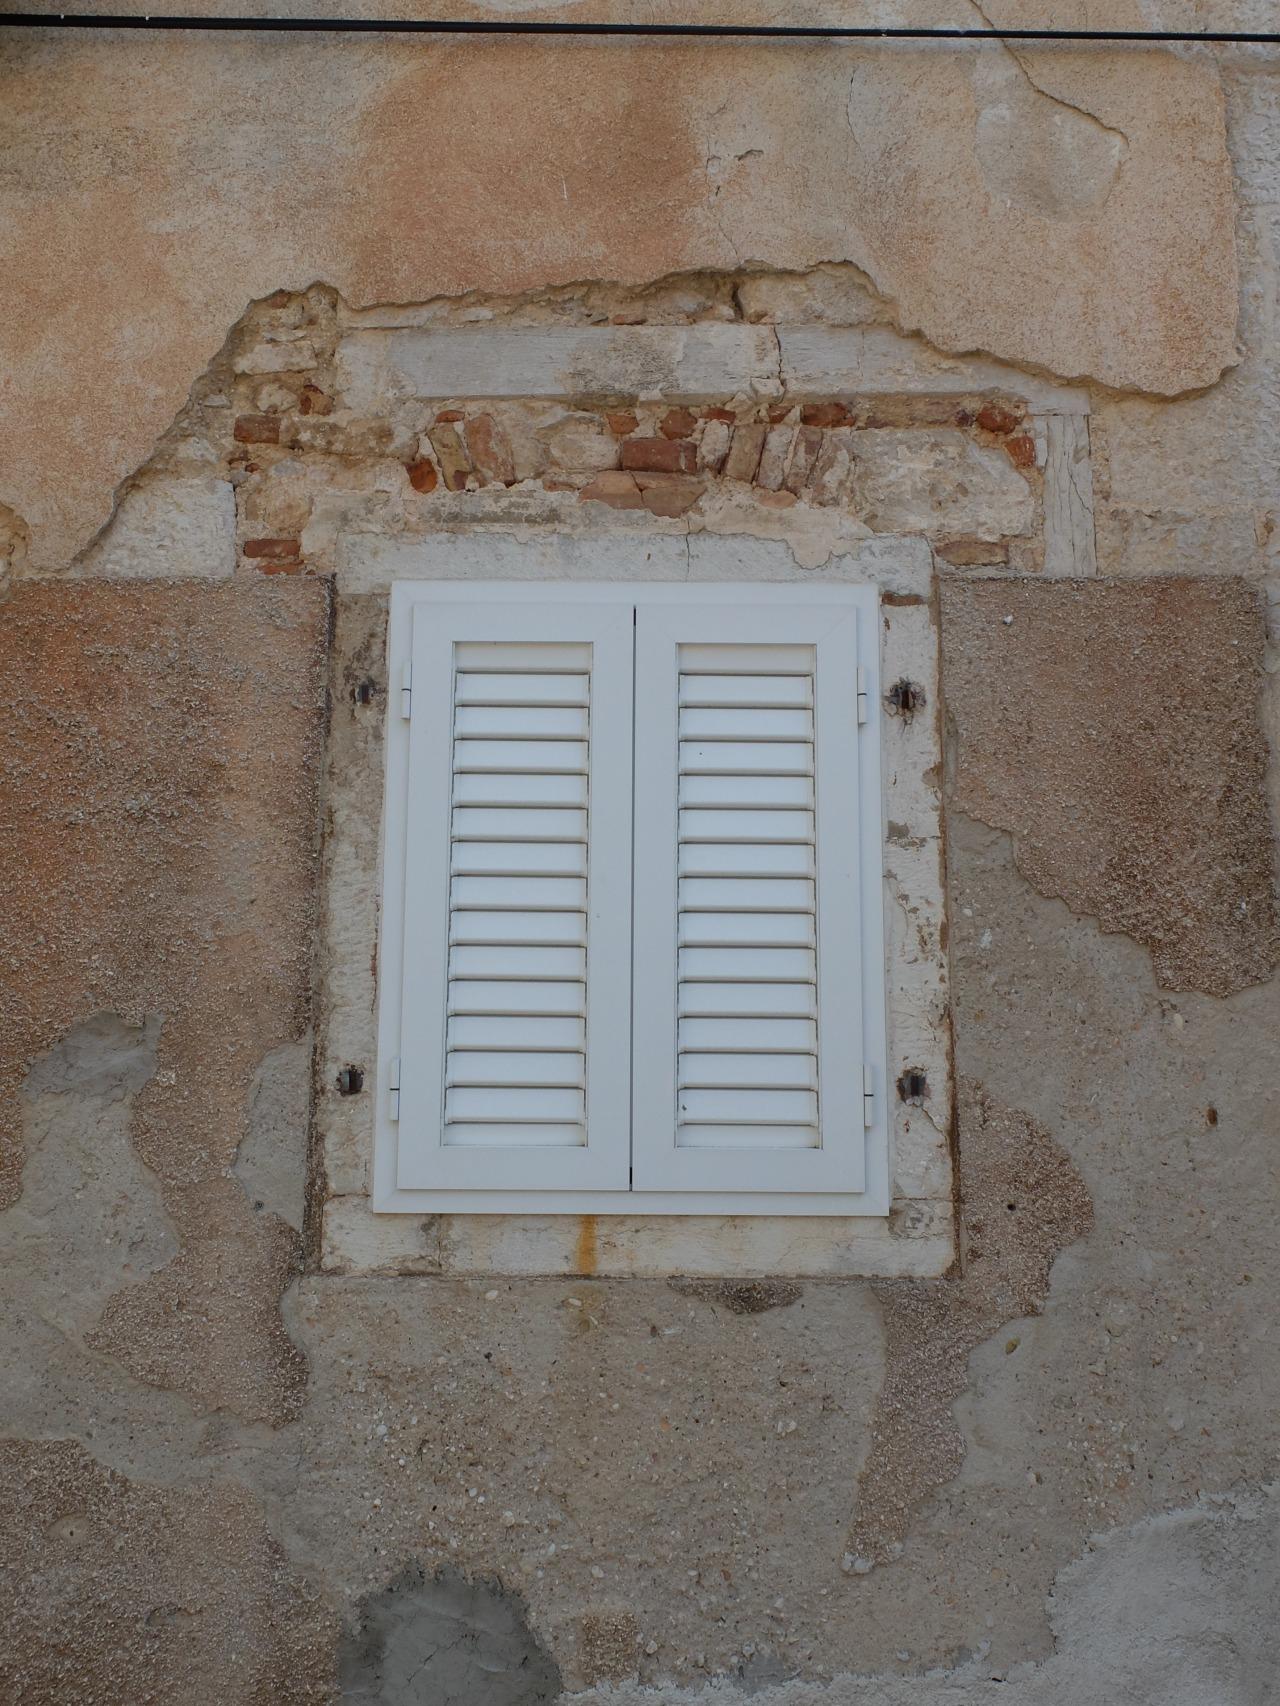 mangia minga - Windows on Otok Cres